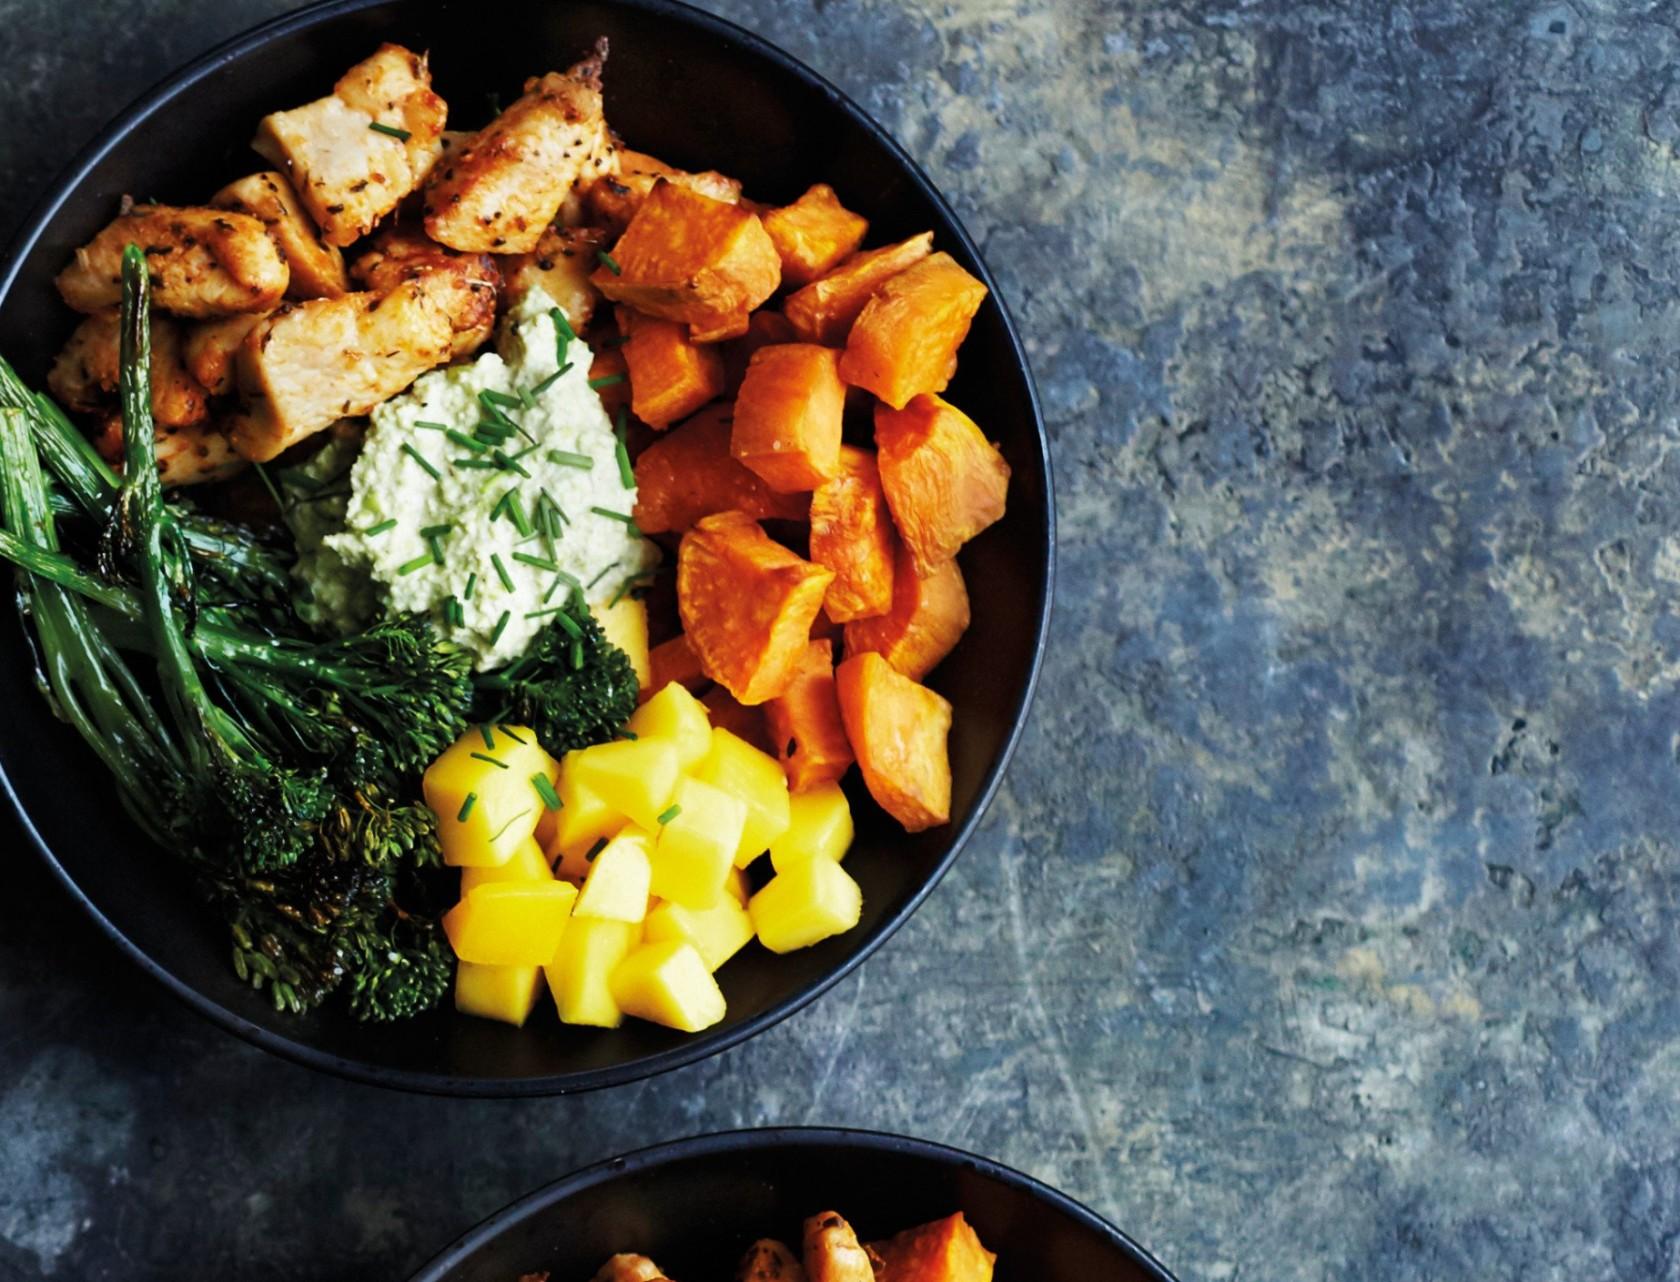 Krydret kylling med søde kartofler og mango - mums!